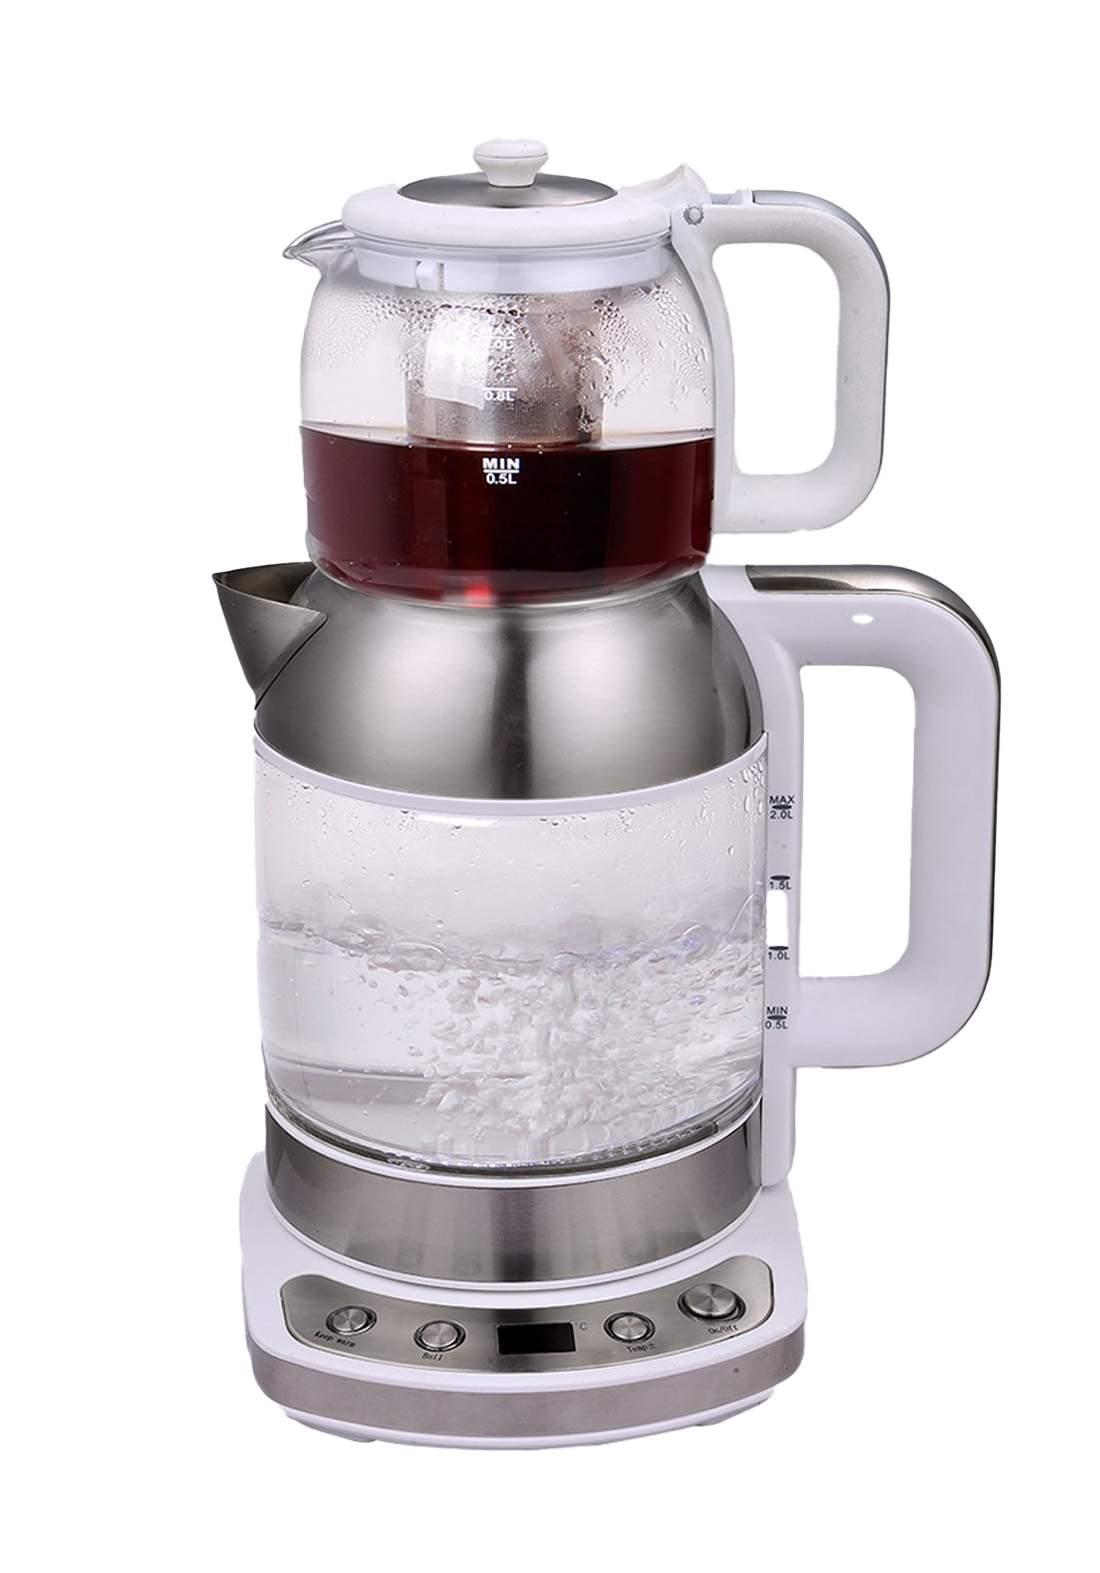 Delmonti Tea maker DL 440 ماكنة صنع الشاي